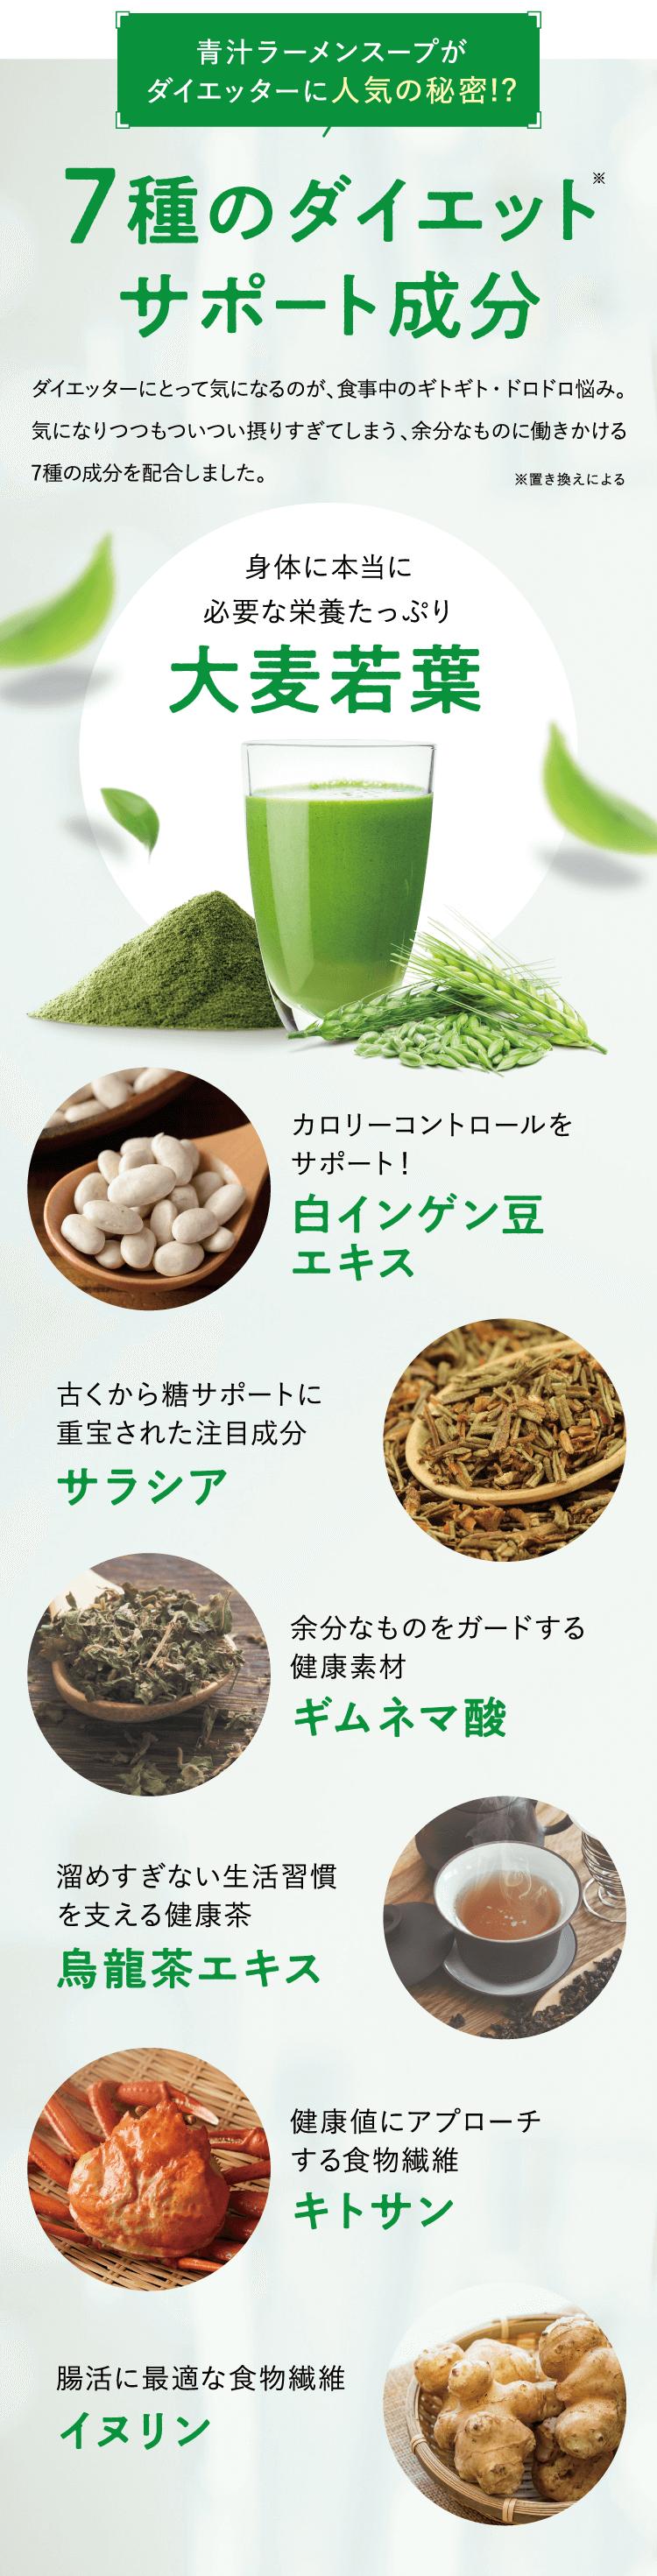 7種のダイエットサポート成分